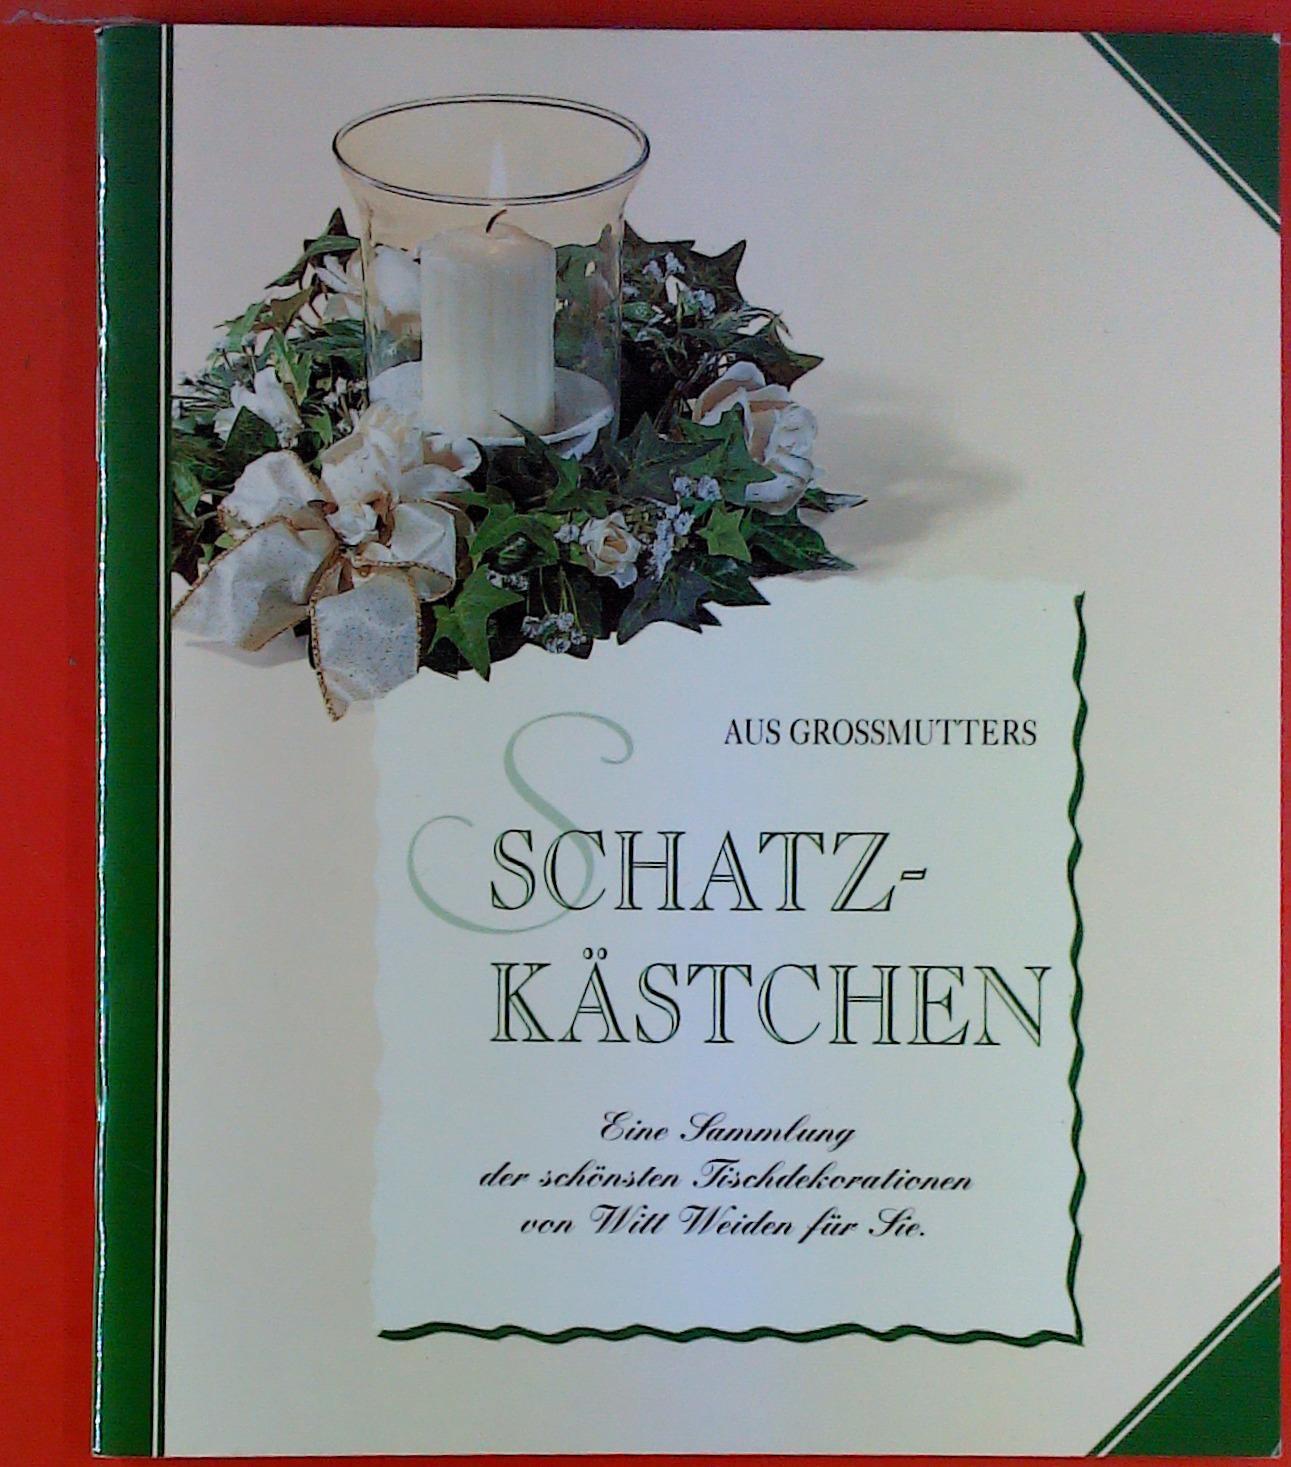 888c0f1744 Eine Sammlung der schönsten: Witt Weiden